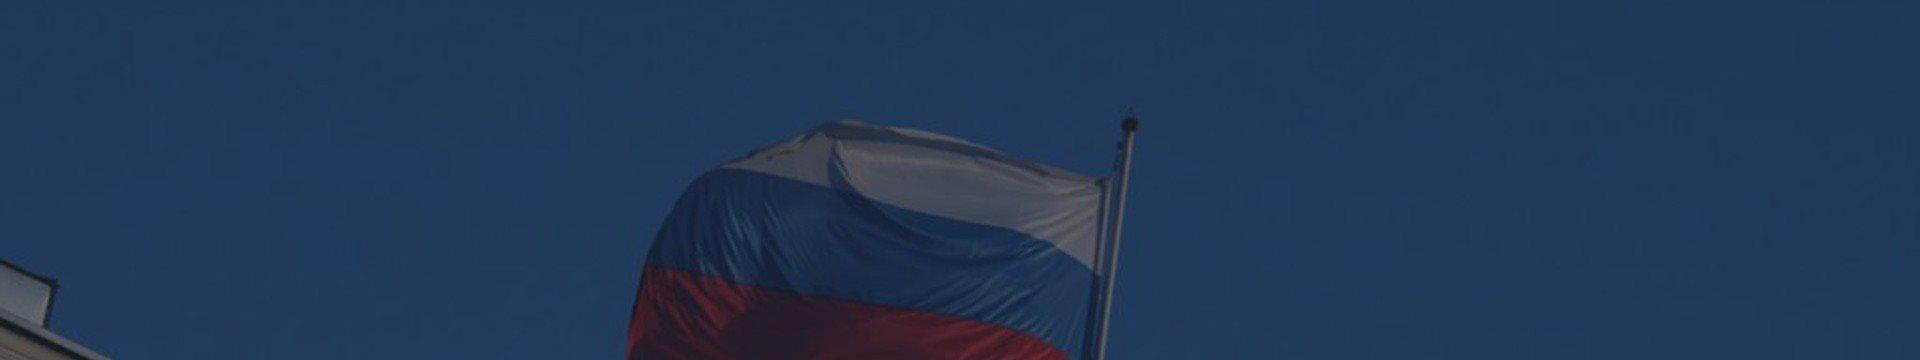 Центробанк России отозвал лицензию у омского банка «СИБЭС»